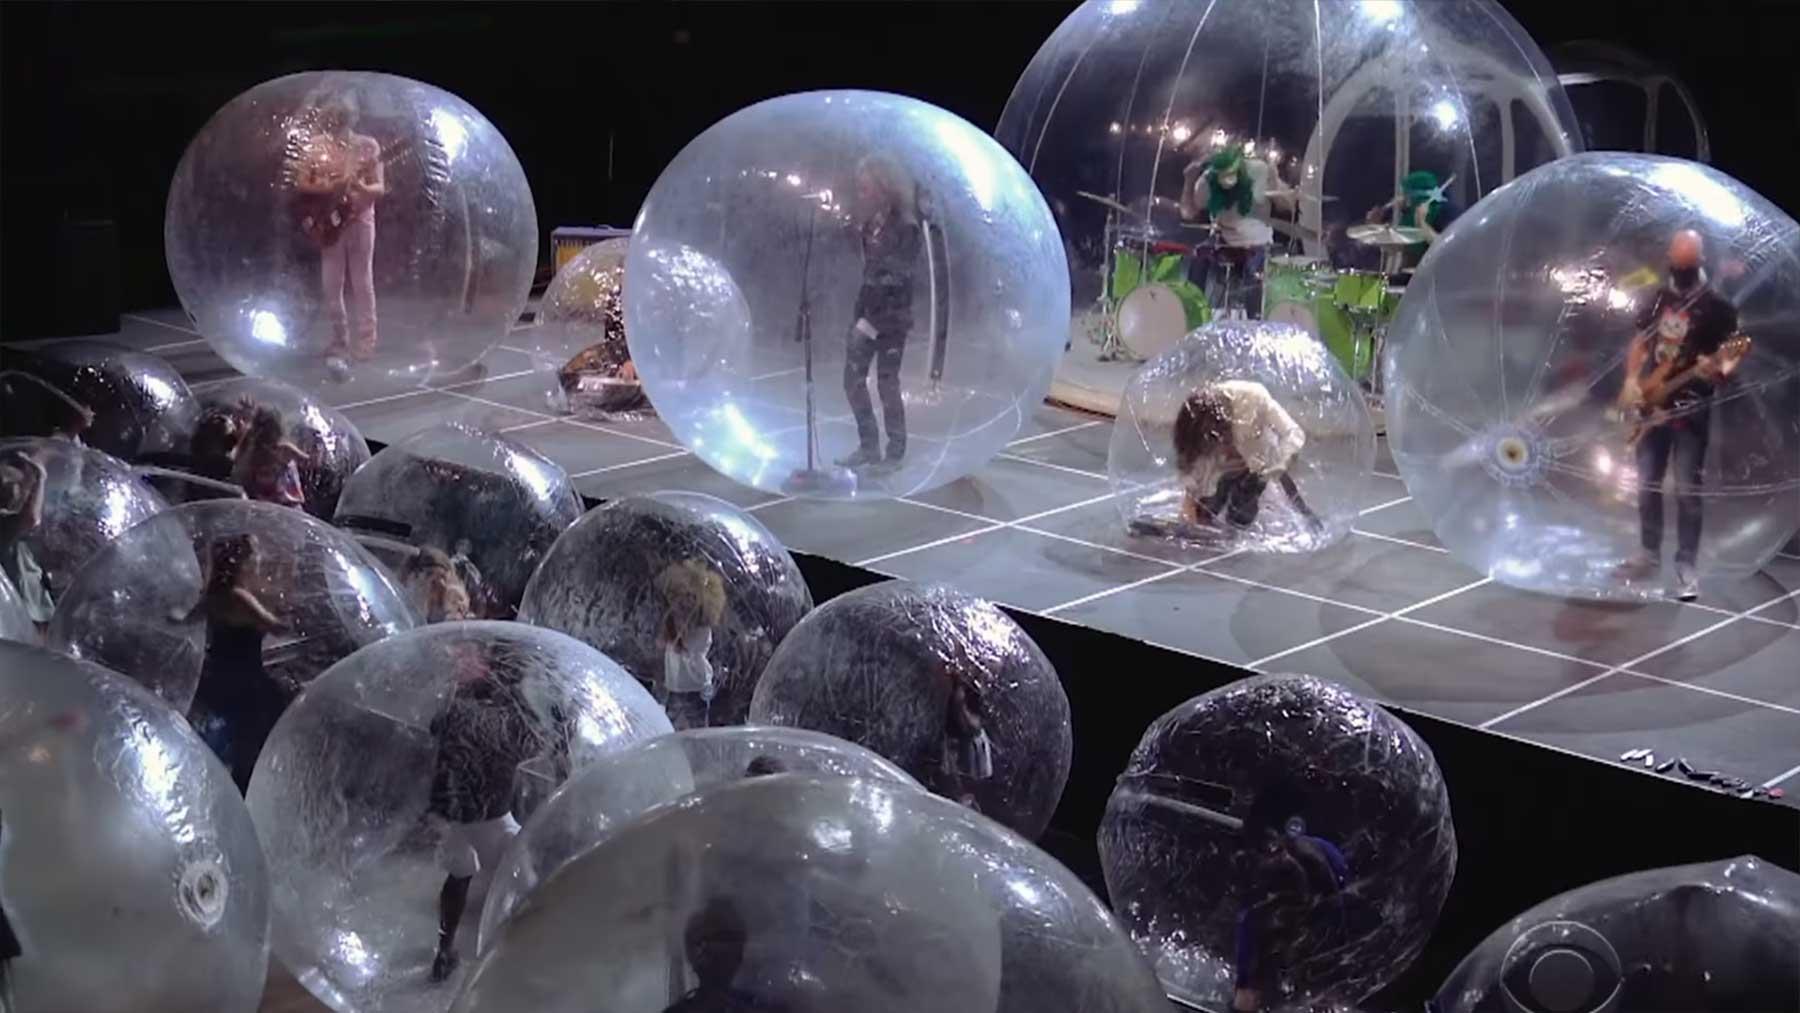 Konzert vor Live-Publikum in Plastikbällen